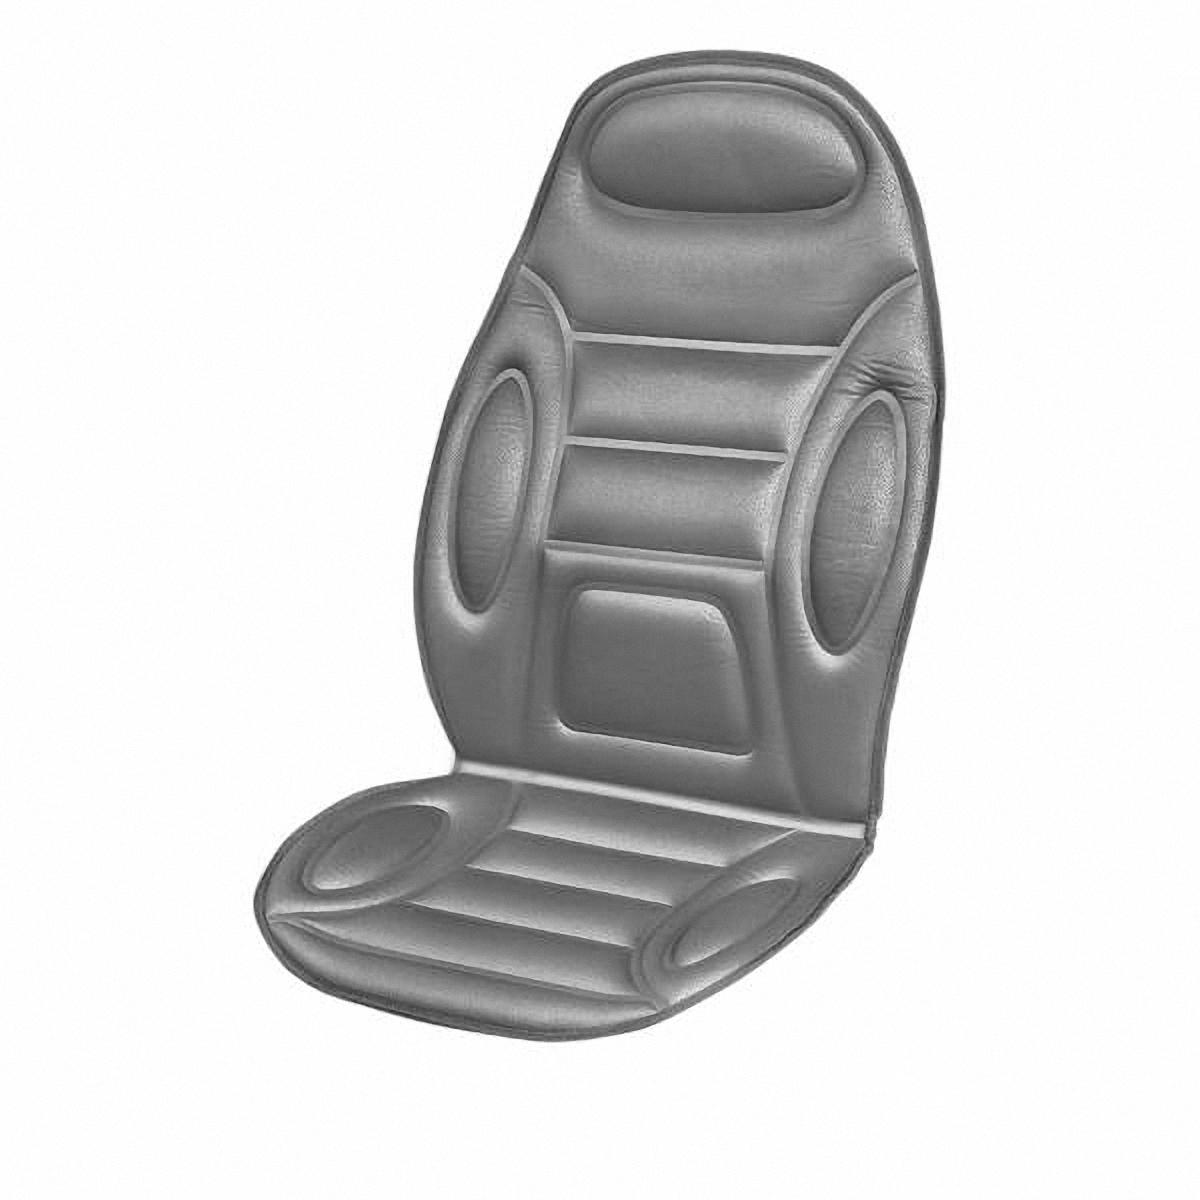 Накидка на сиденье Skyway, массажная, с подогревом. S0220101421395598Массажная накидка на сиденье Skyway с функцией подогрева имеет 2 вида массажа, продолжительный или пульсирующий, 5 режимов интенсивности. Зоны массажа: нижняя и верхняя части спины и бедра. Есть пульт управления и удобный карман для его хранения в нижней части накидки с правой стороны. Функция обогрева предназначена для создания комфортной температуры 37-40 градусов и расположена в поясничной зоне. Оснащена предохранителем, который в случае нежелательного перепада напряжения защитит изделие и бортовую сеть автомобиля. Накидка подходит для всех размеров сидений.Напряжение: 12В. Количество режимов массажа: 5. Количество скоростей: 3. Температура подогрева: 37-40°C.